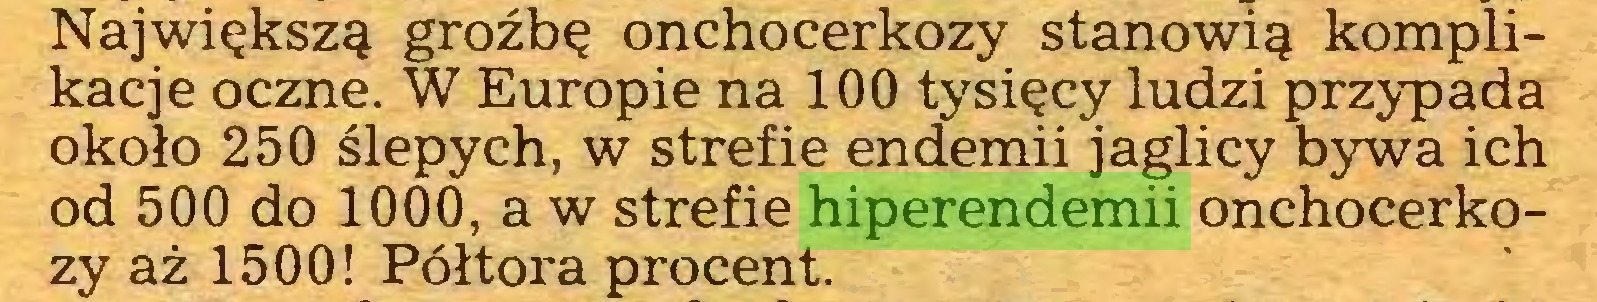 (...) Największą groźbę onchocerkozy stanowią komplikacje oczne. W Europie na 100 tysięcy ludzi przypada około 250 ślepych, w strefie endemii jaglicy bywa ich od 500 do 1000,aw strefie hiperendemii onchocerkozy aż 1500! Półtora procent...